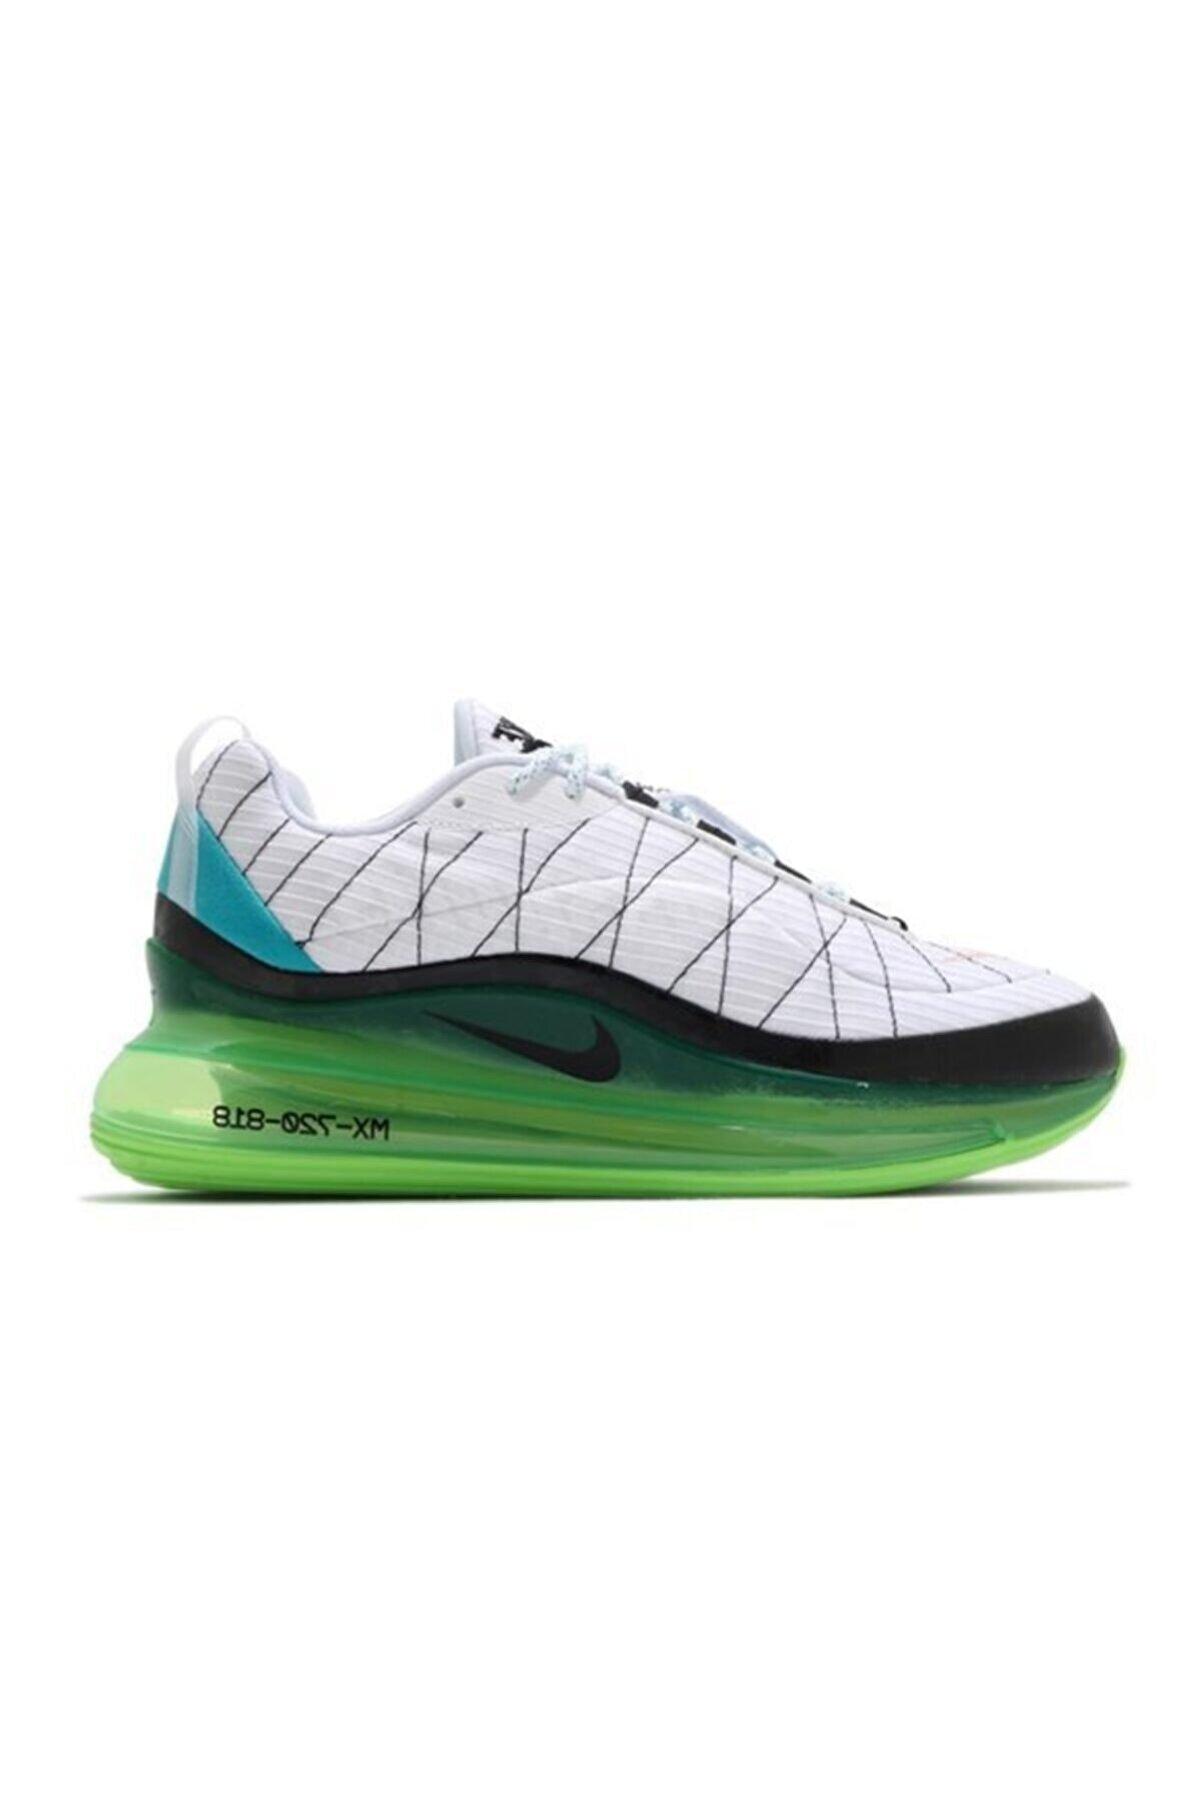 Nike Mx-720-818 Spor Ayakkabı Ct1266-101